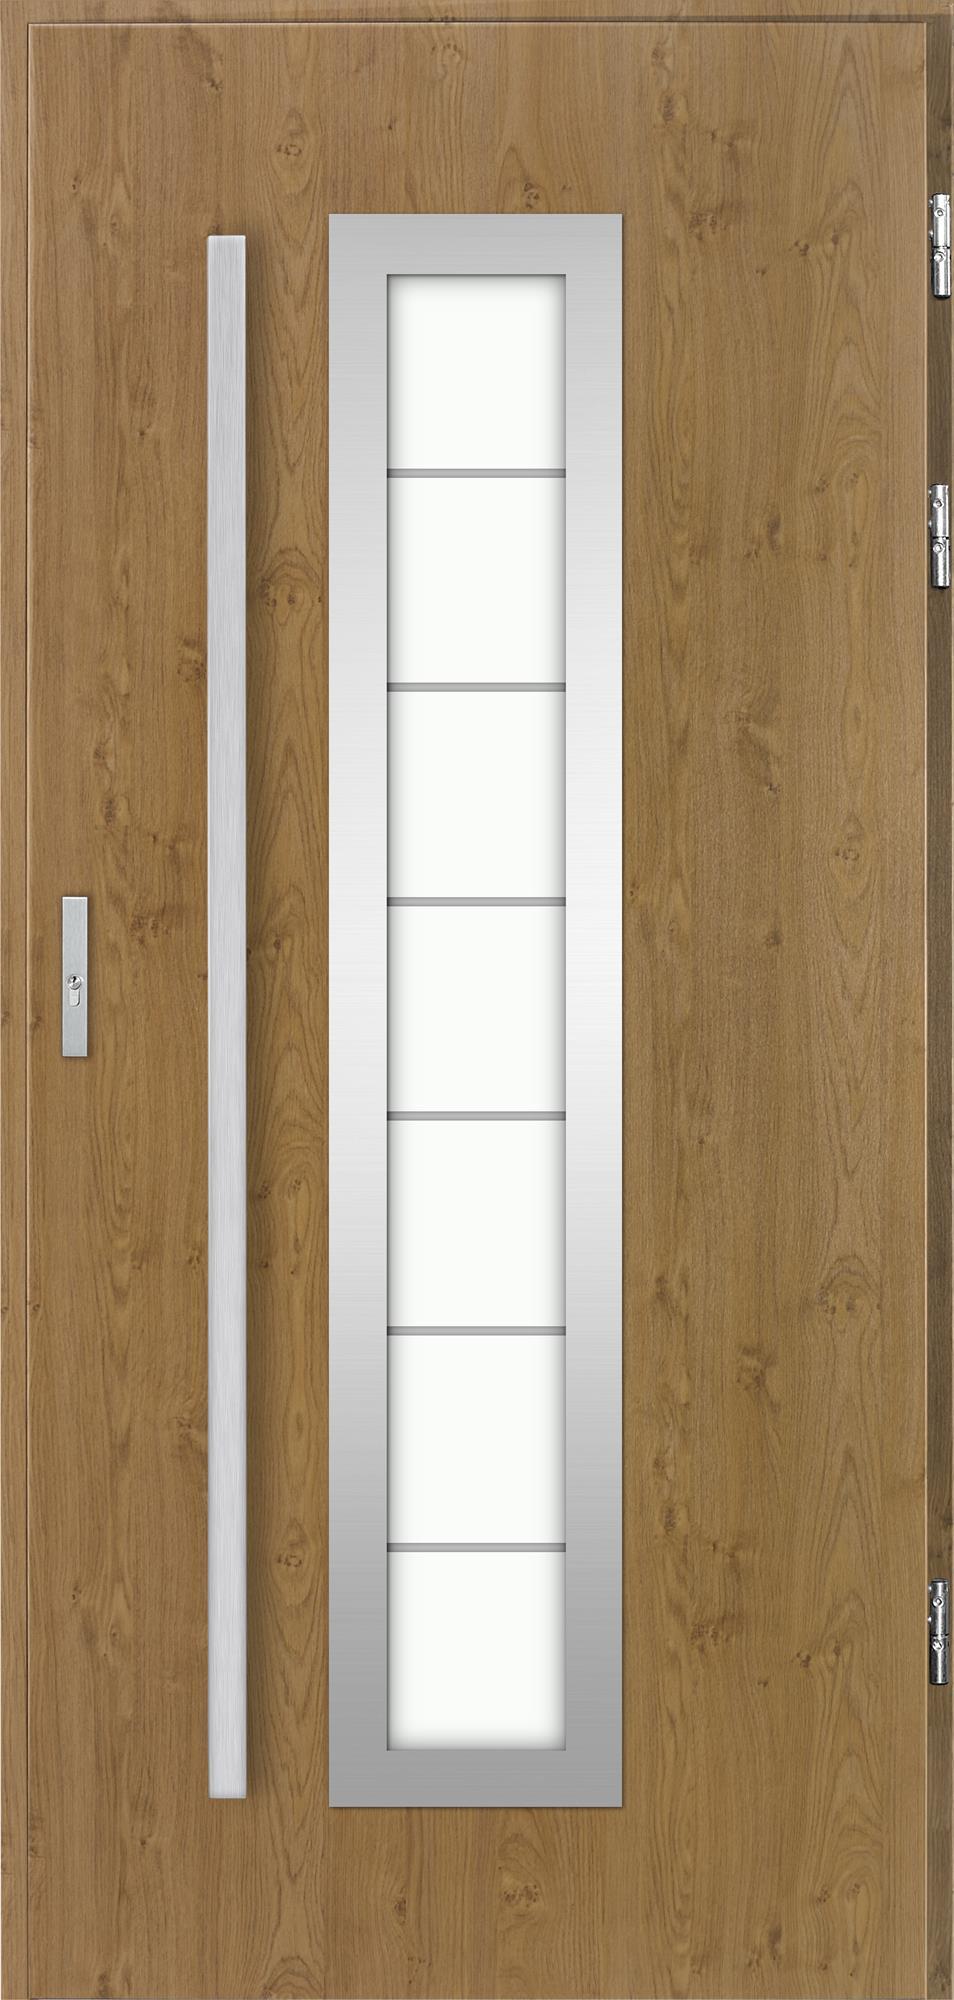 Venkovní vchodové dveøe Hevelio, winchester